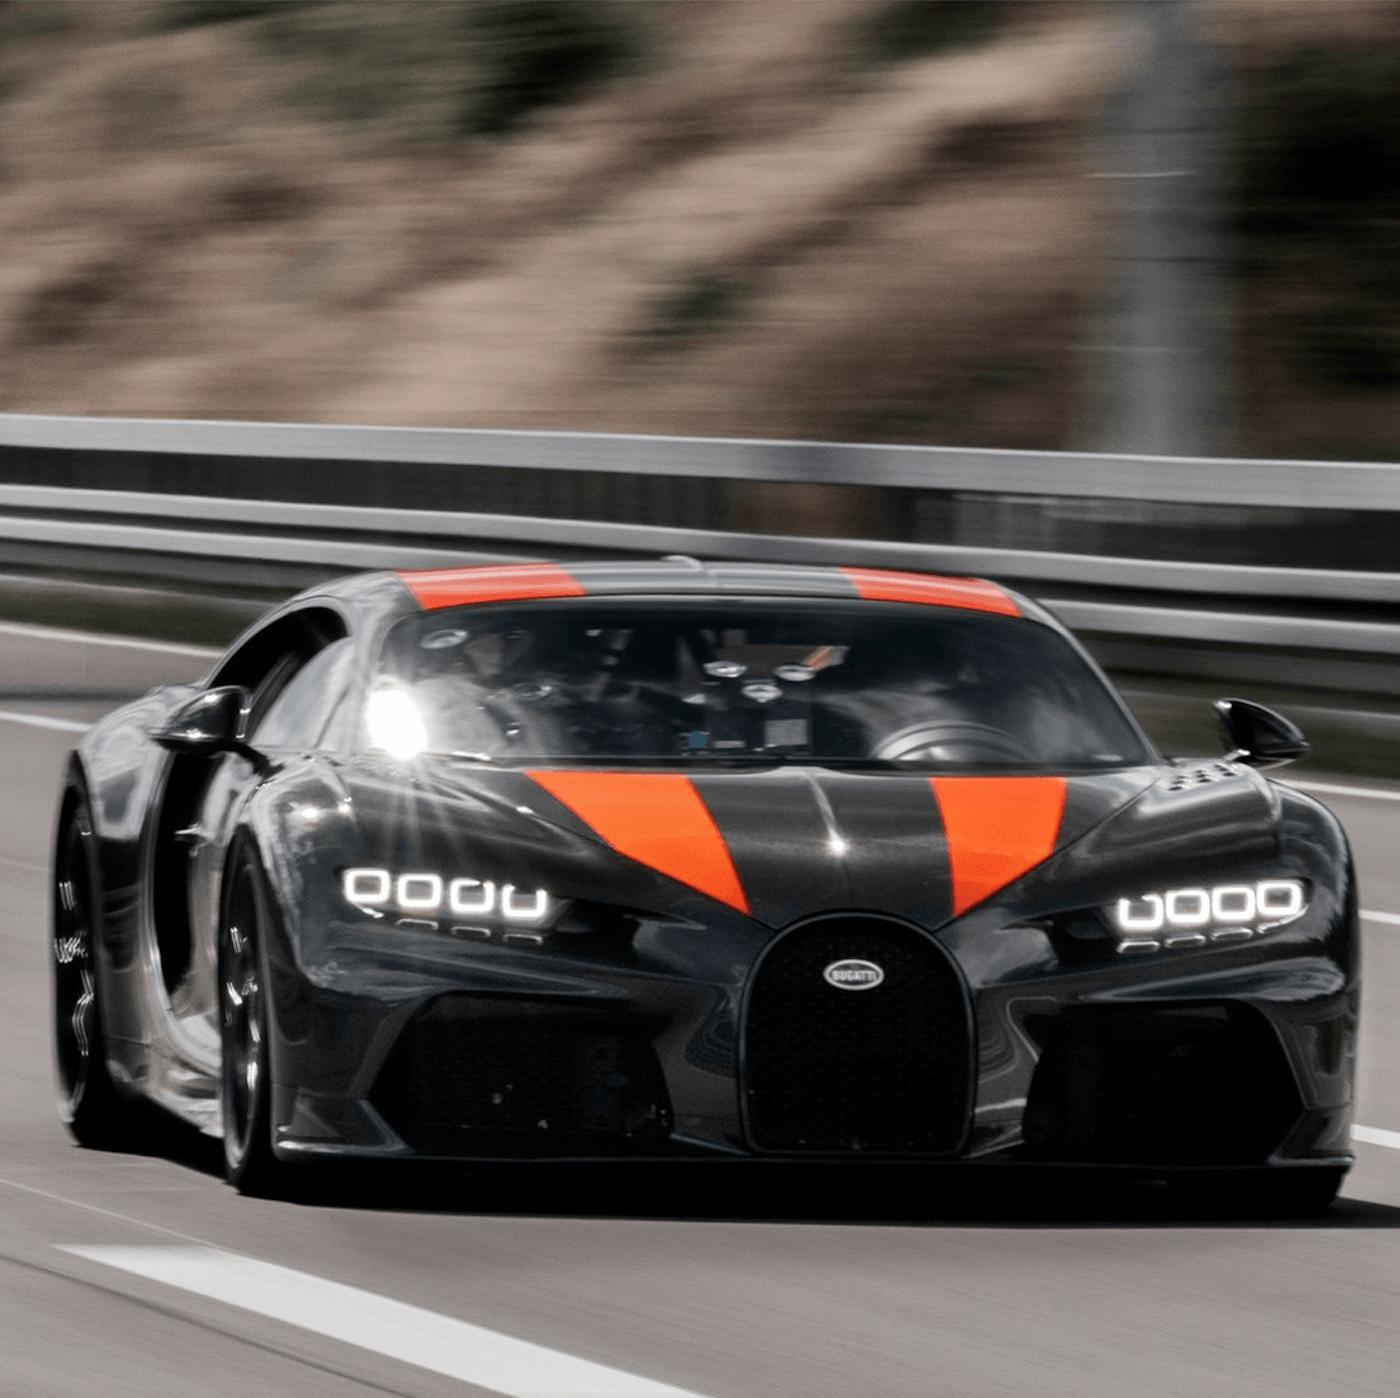 Bugatti Chiron Super Sport 300: Bugatti Chiron Super Sport 300 Prototype 2019 Wallpapers